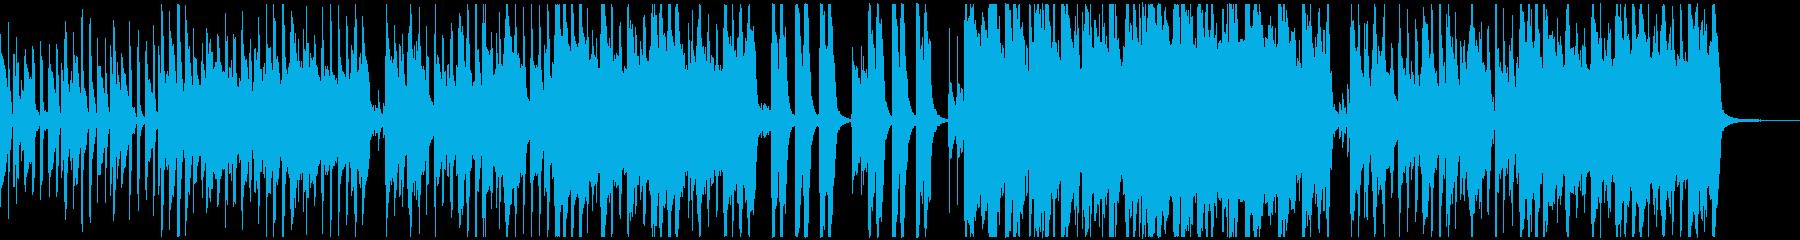 ほのぼの軽快なピアノのワルツの再生済みの波形